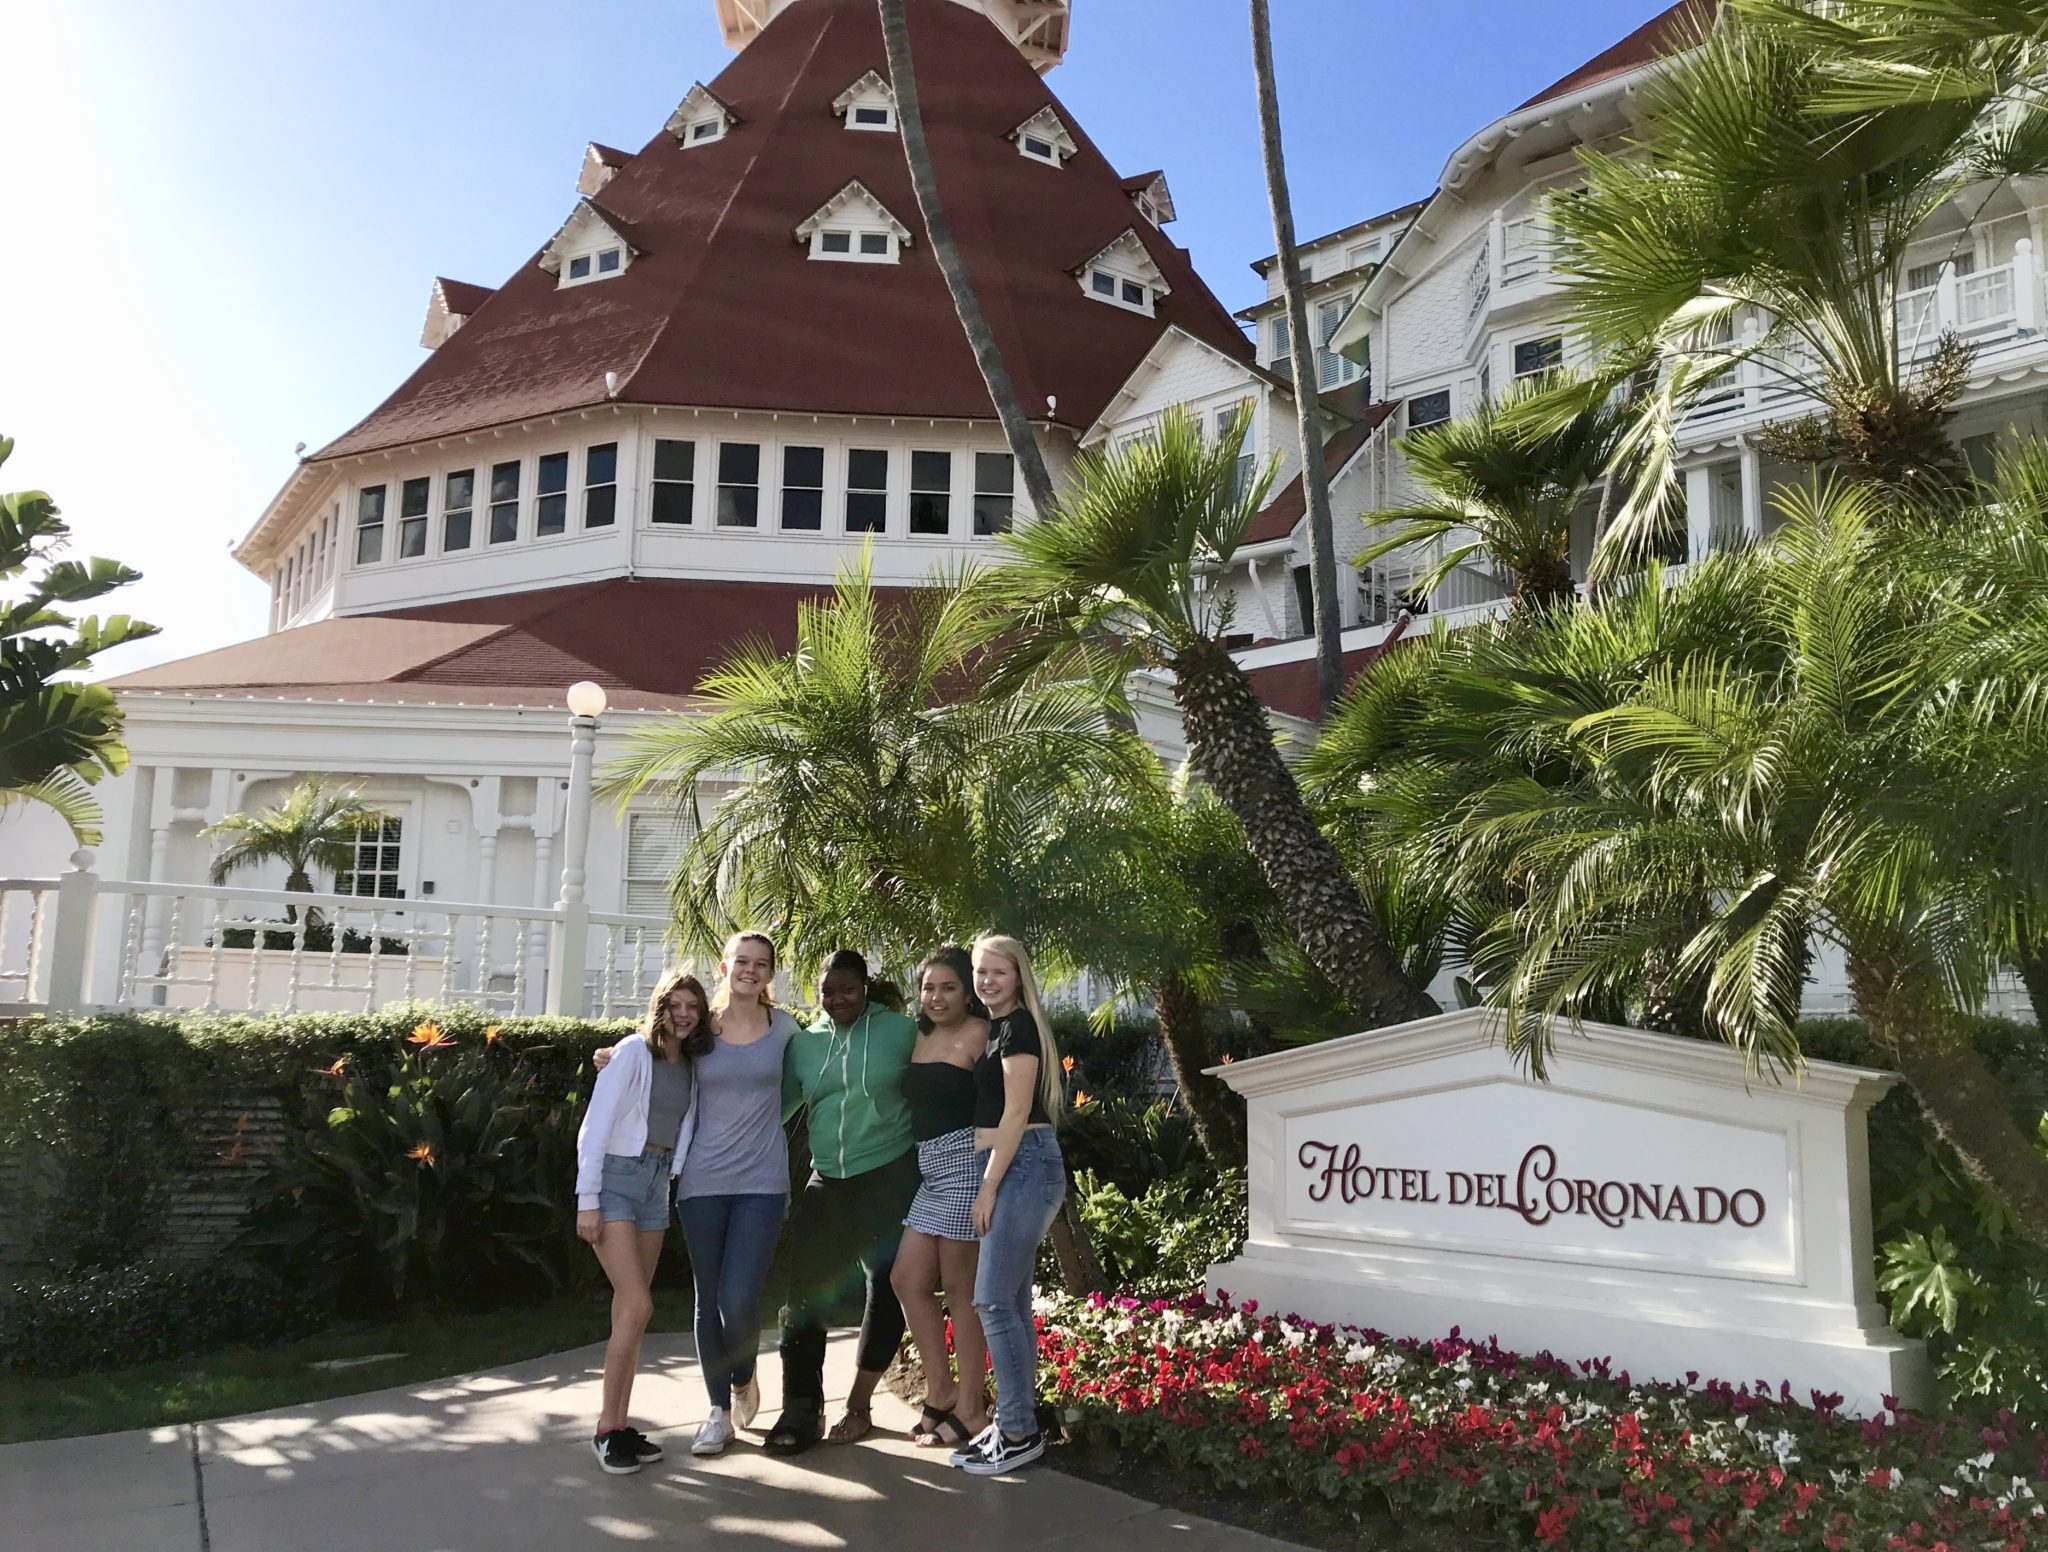 Hotel Del Coronado sign